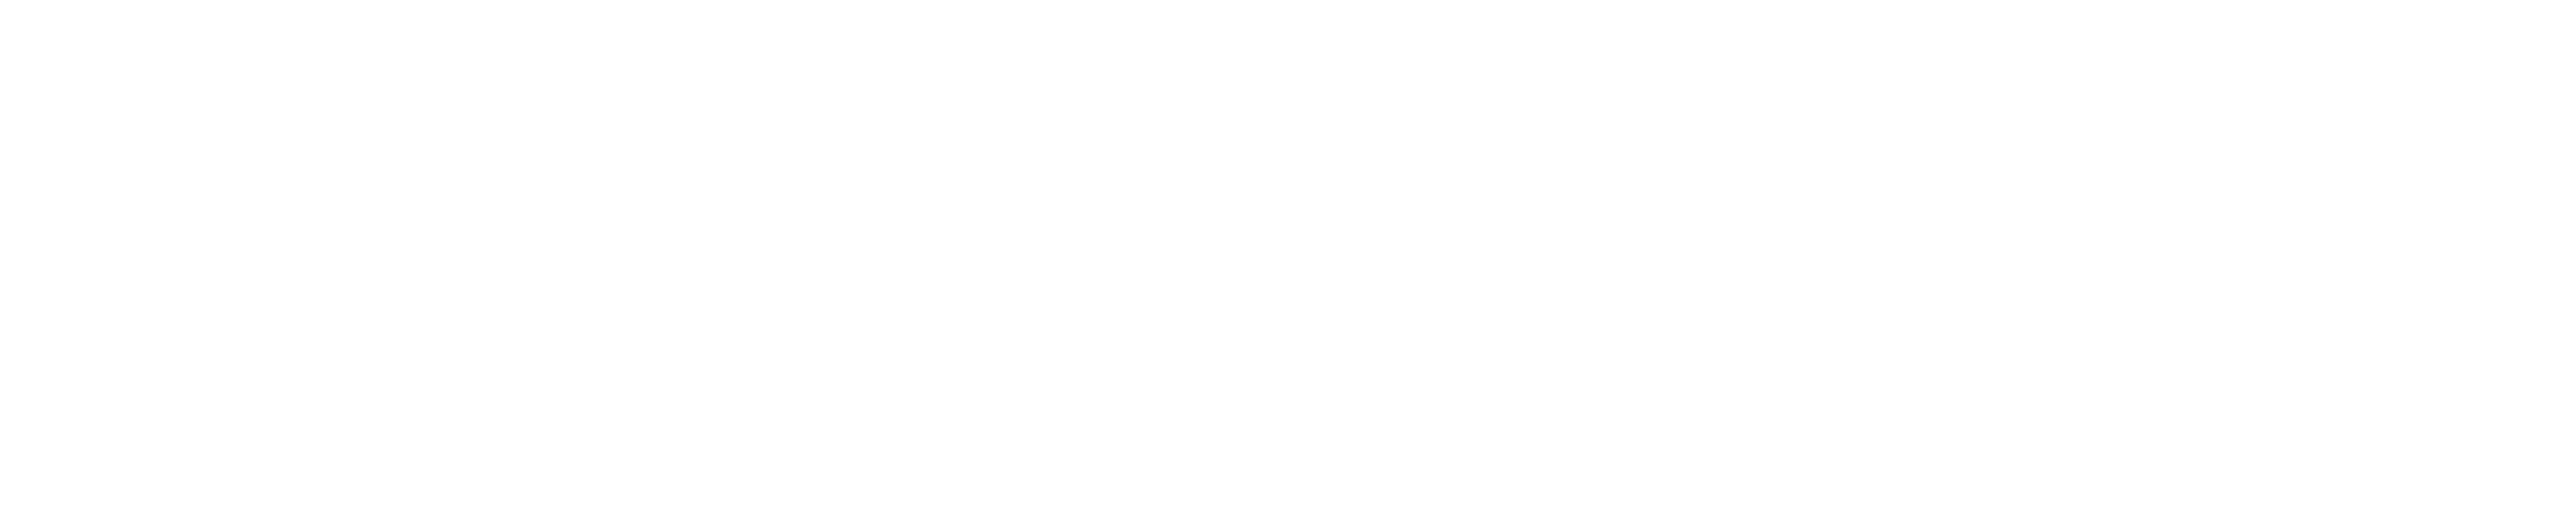 Museo de la Ciencia y el Cosmos - Tenerife